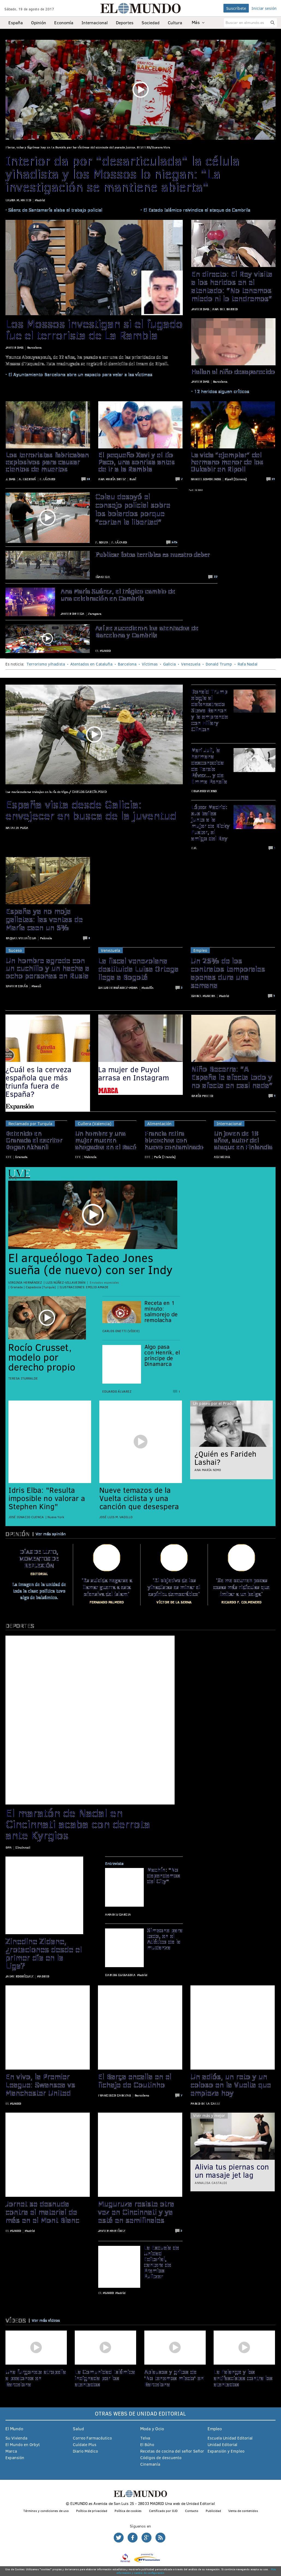 El Mundo at Saturday Aug. 19, 2017, 1:15 p.m. UTC